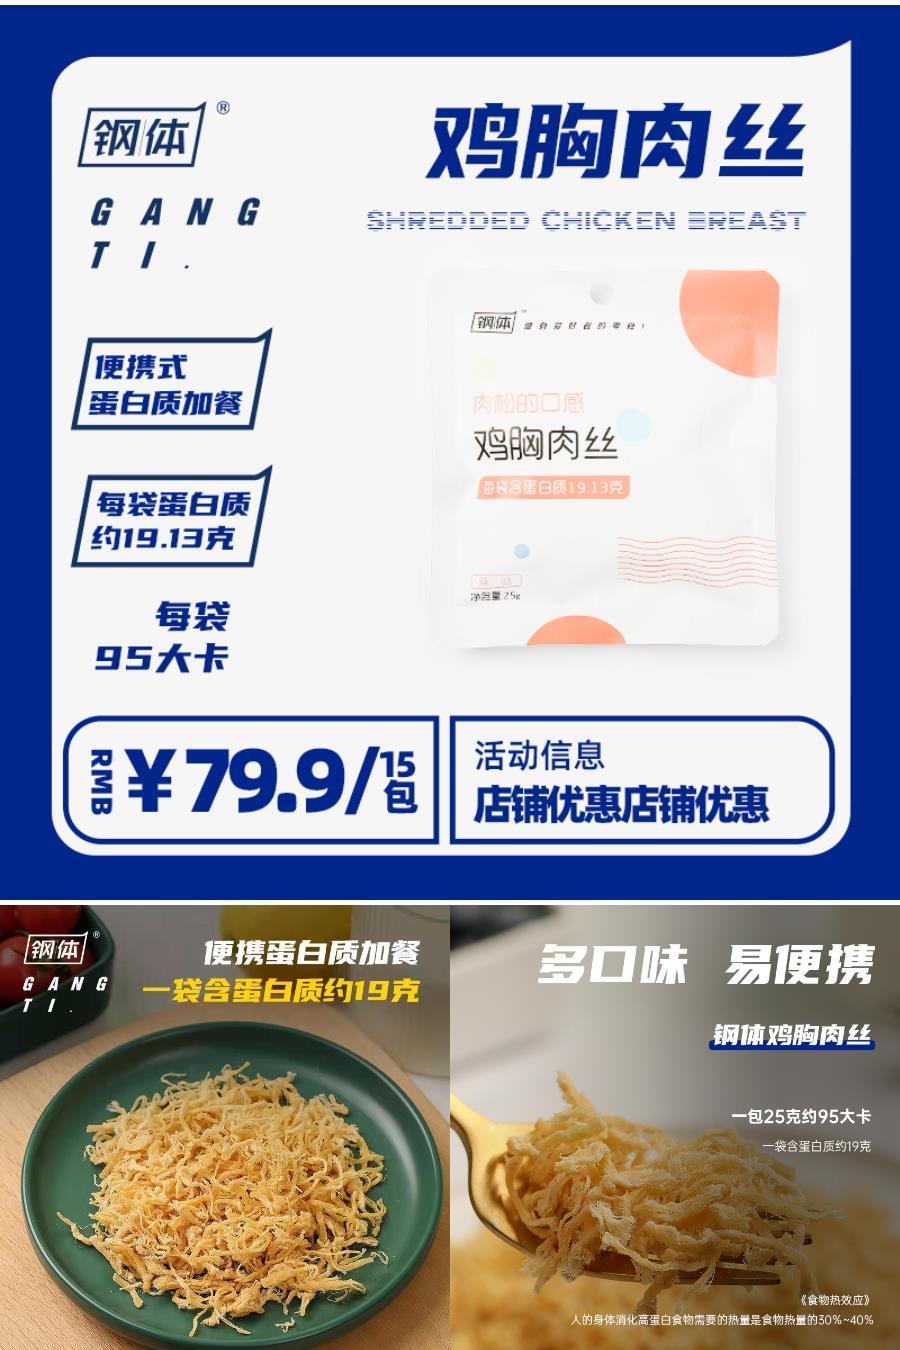 钢体饱腹代餐鸡胸肉丝健身耐吃肉松价格/优惠_券后76.9元包邮